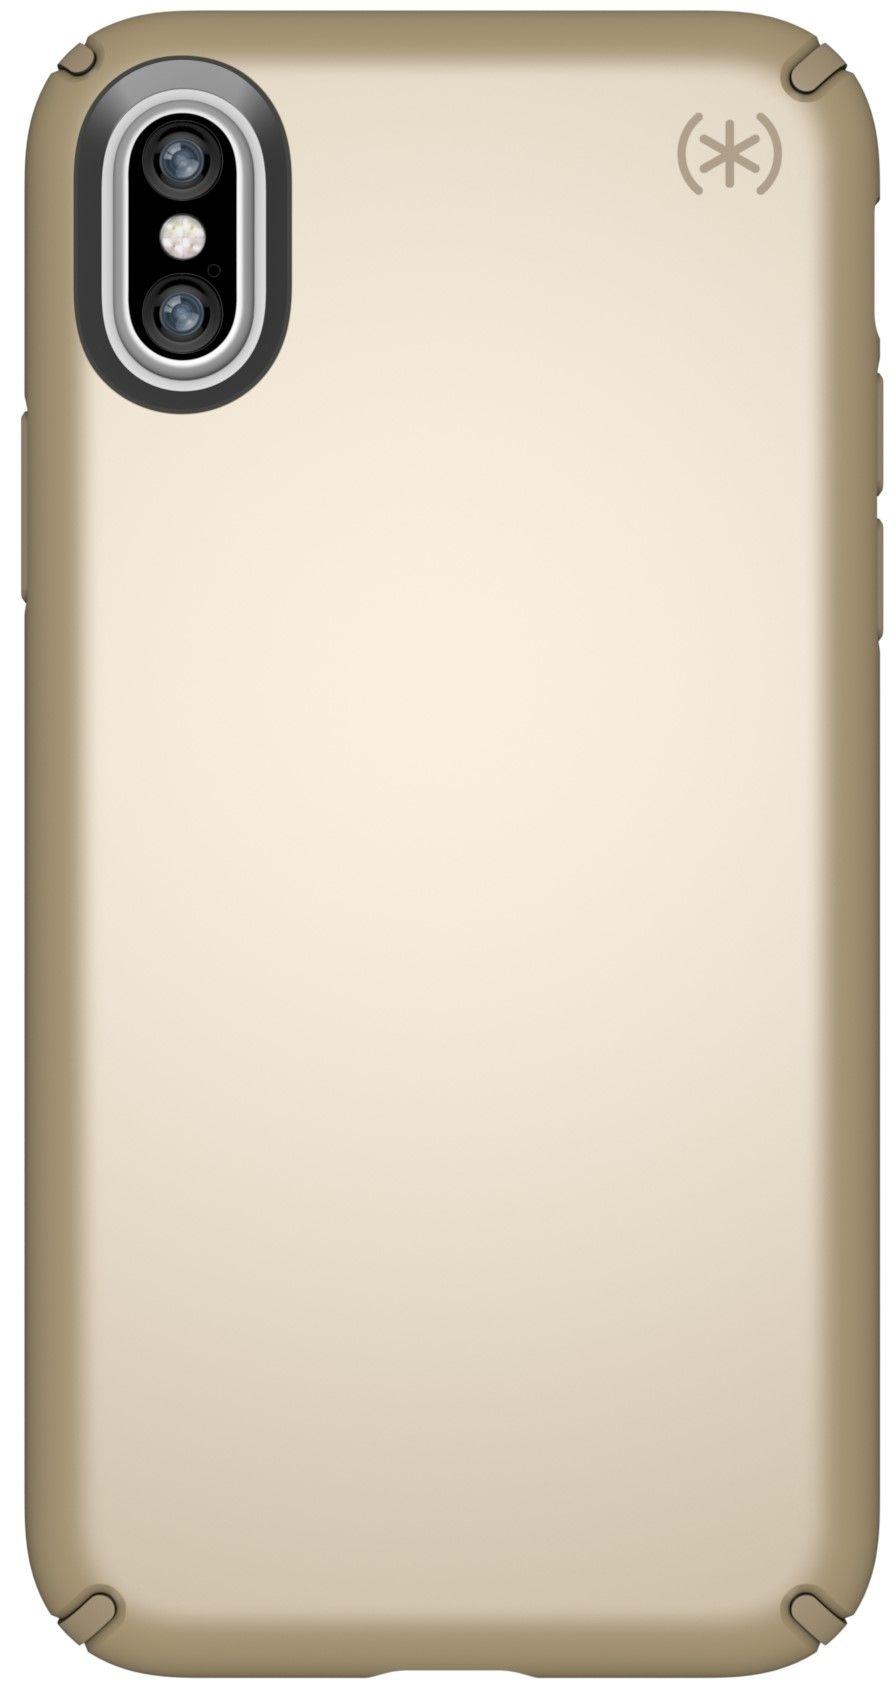 Калъф Speck Presidio Metallic - за iPhone X, златист - 1